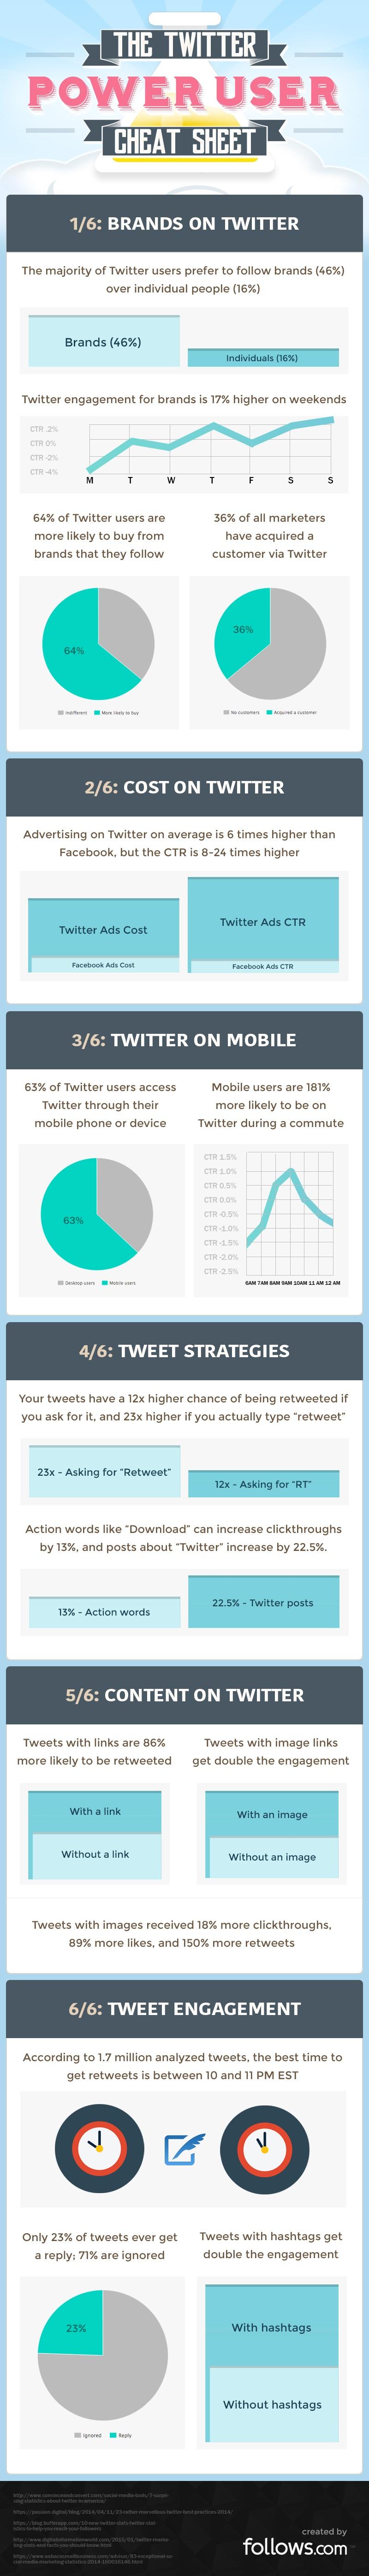 5 Tips om de zichtbaarheid op Twitter te vergroten